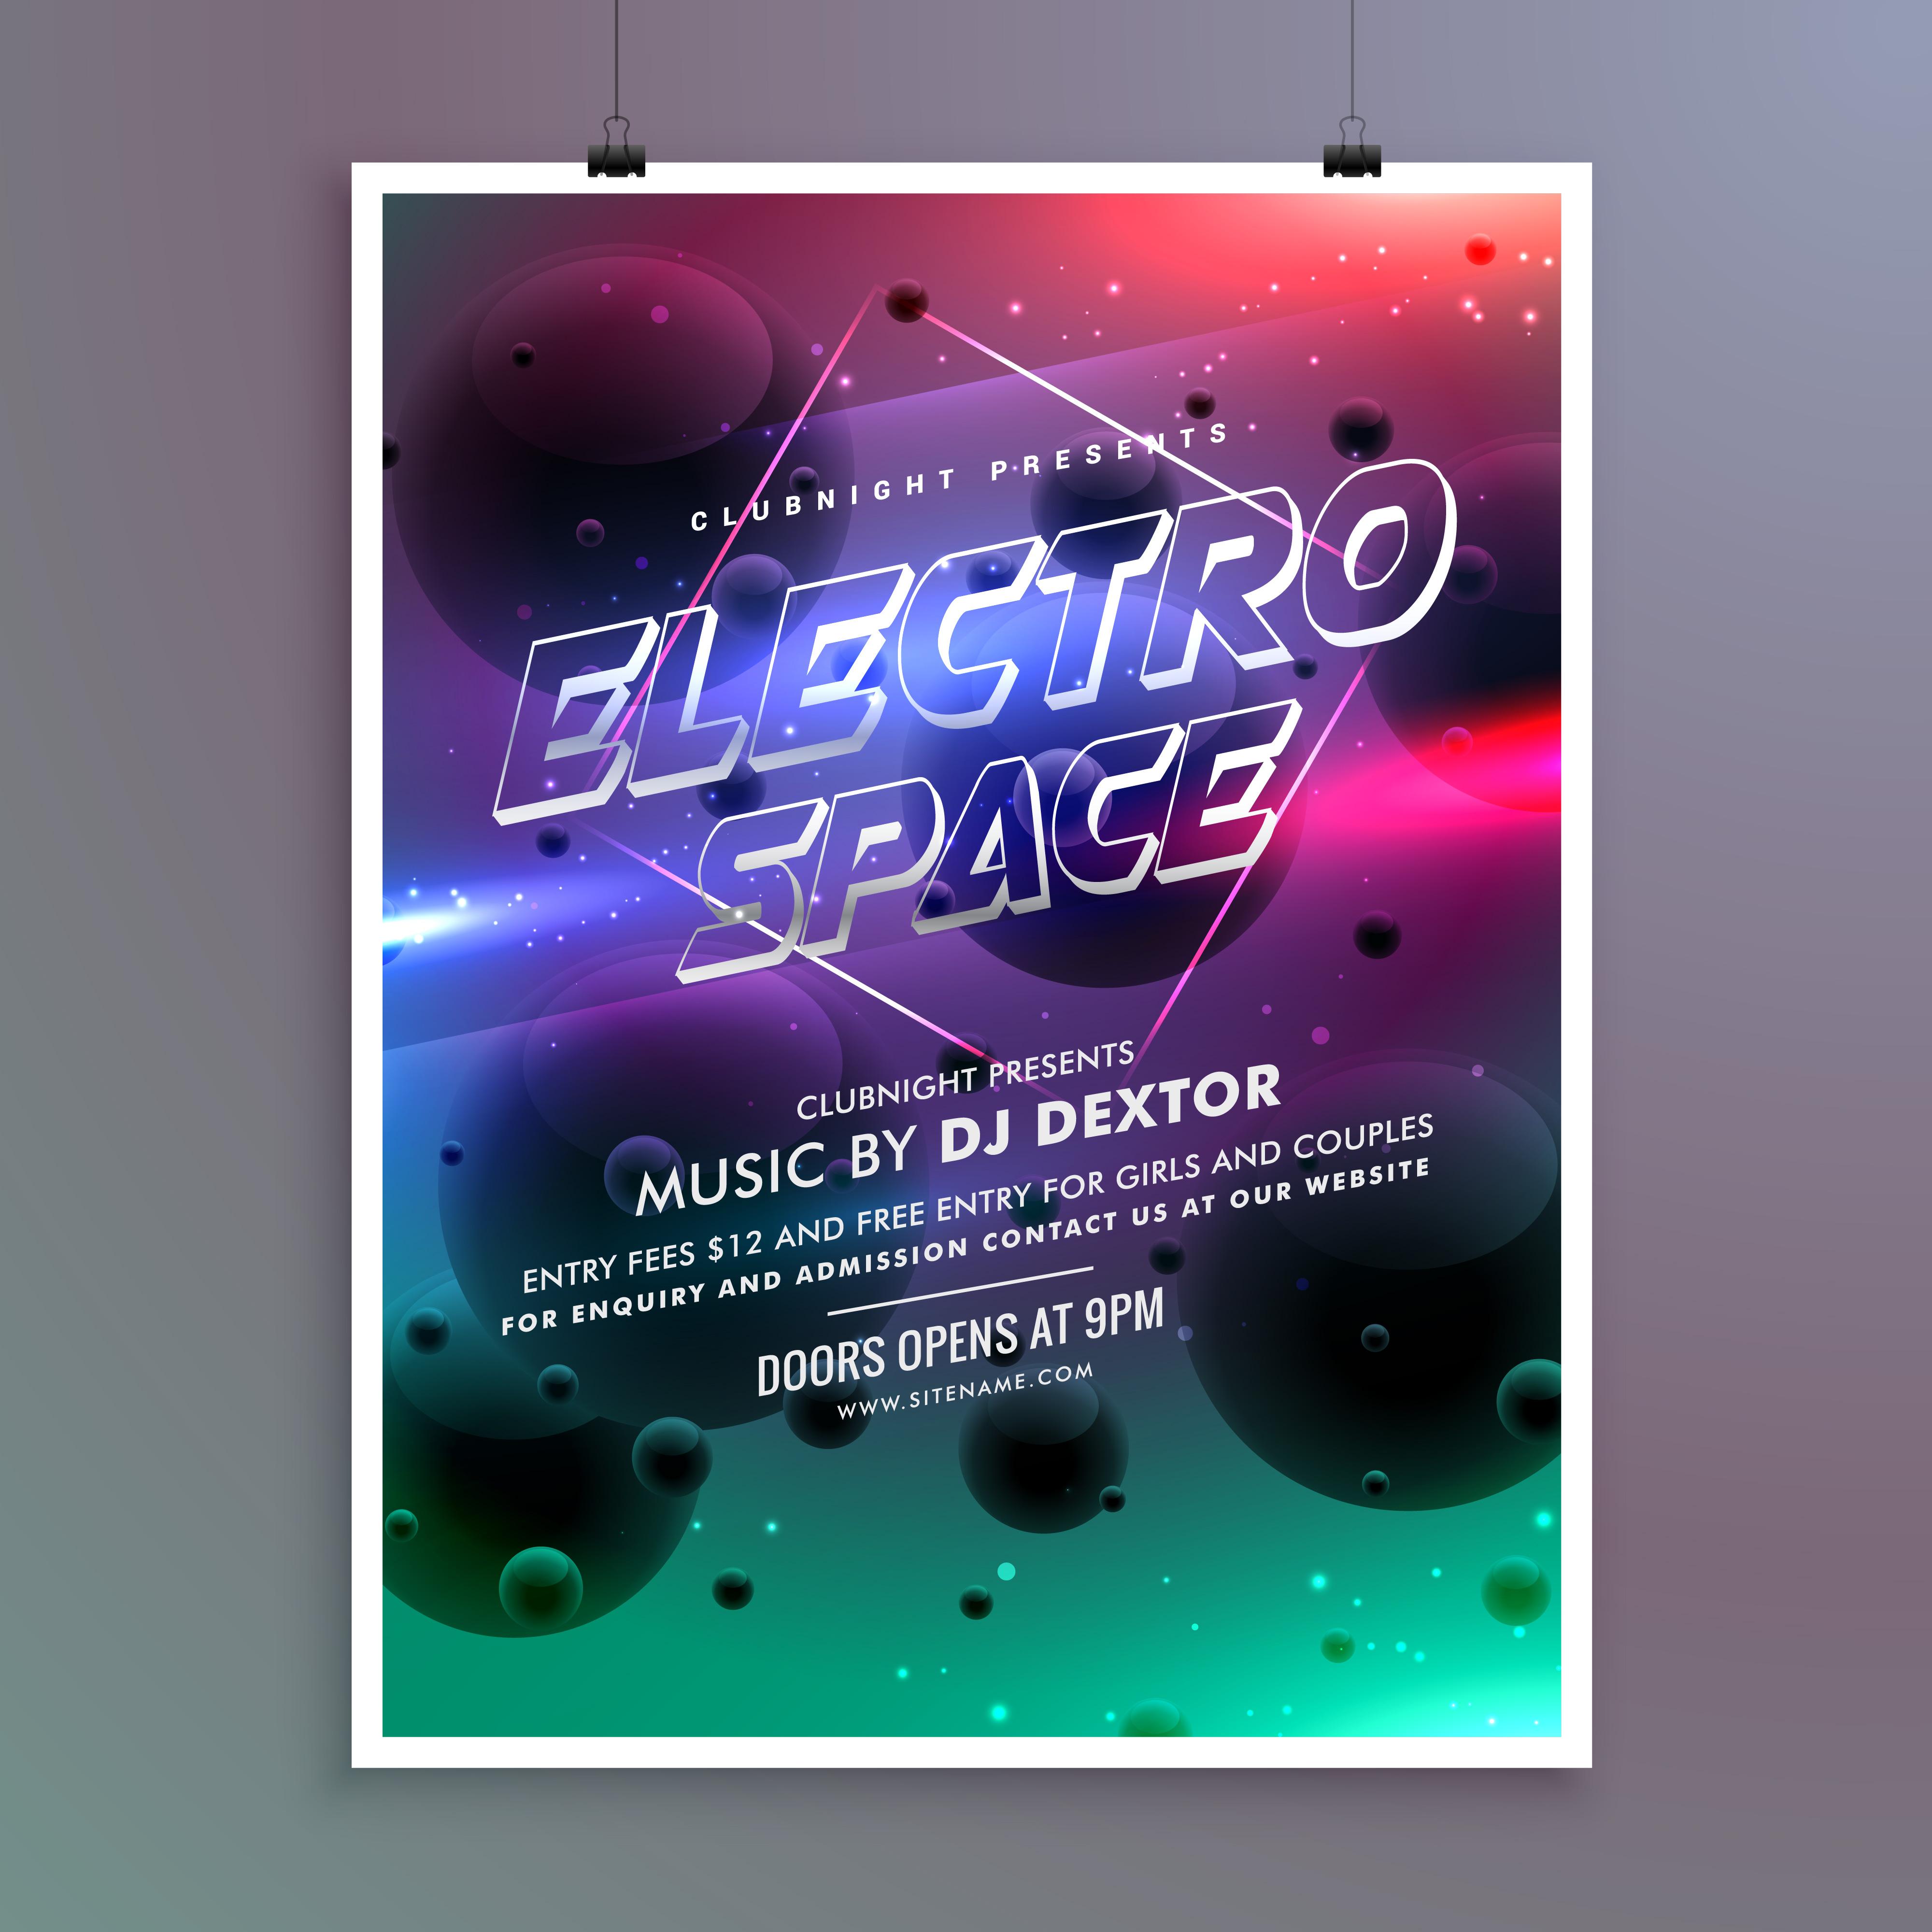 Event Invitation | Event Invitation Free Vector Art 7552 Free Downloads